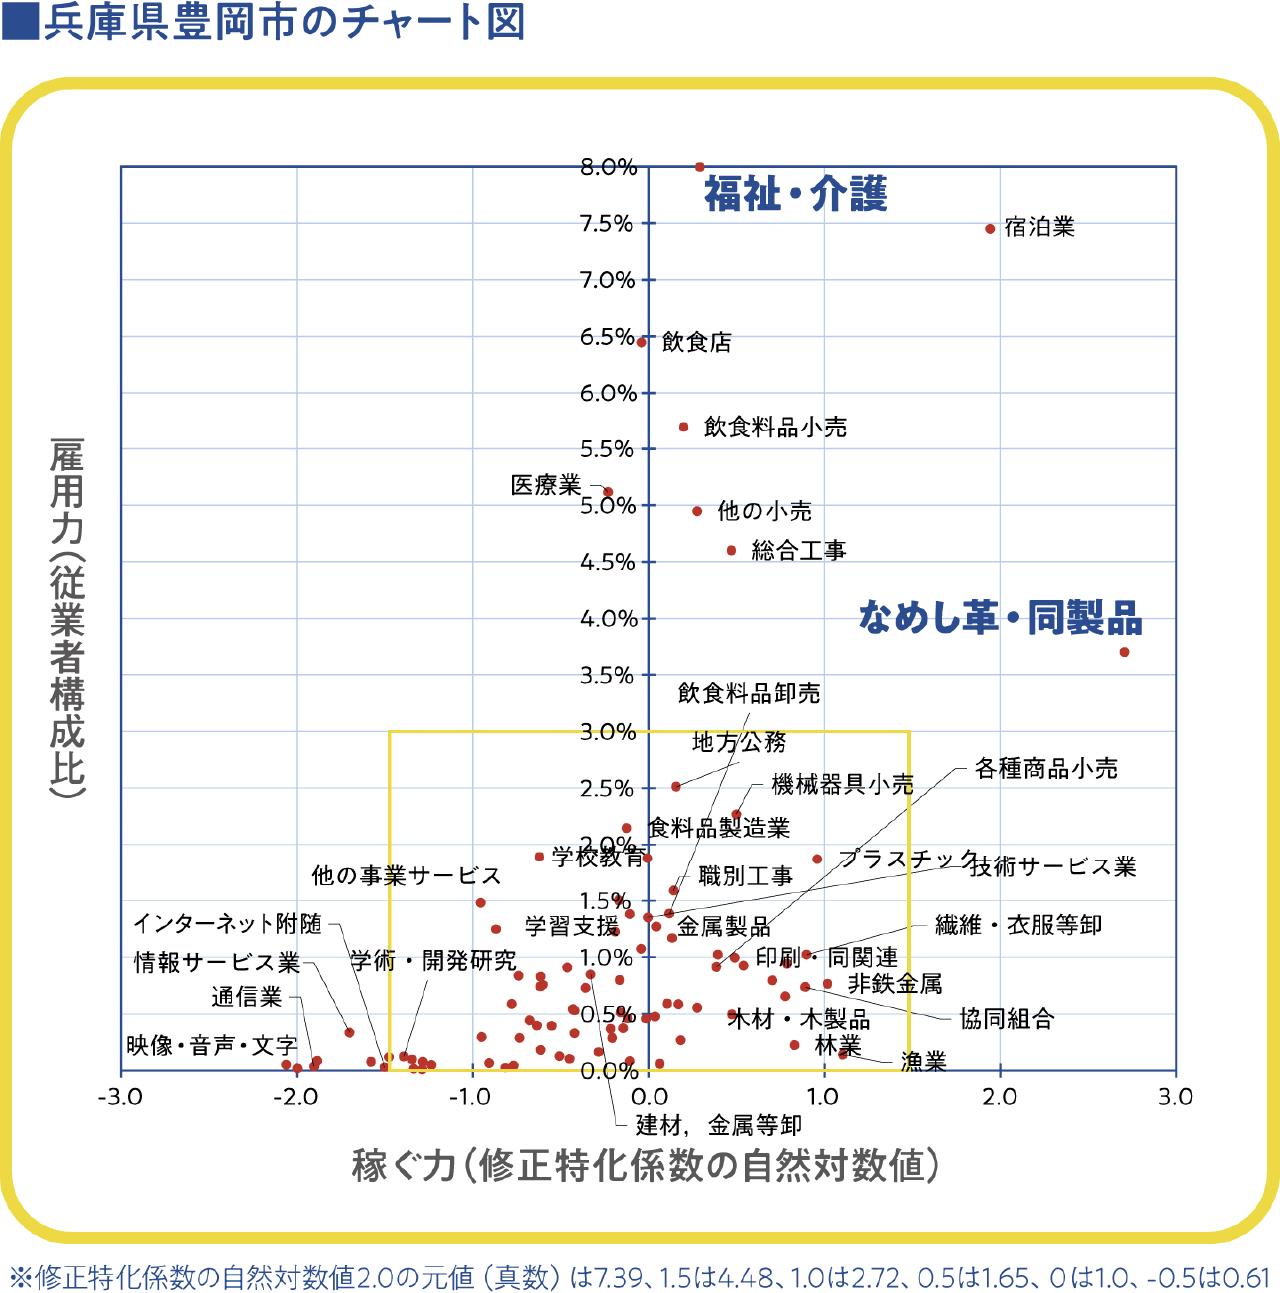 兵庫県豊岡市のチャート図